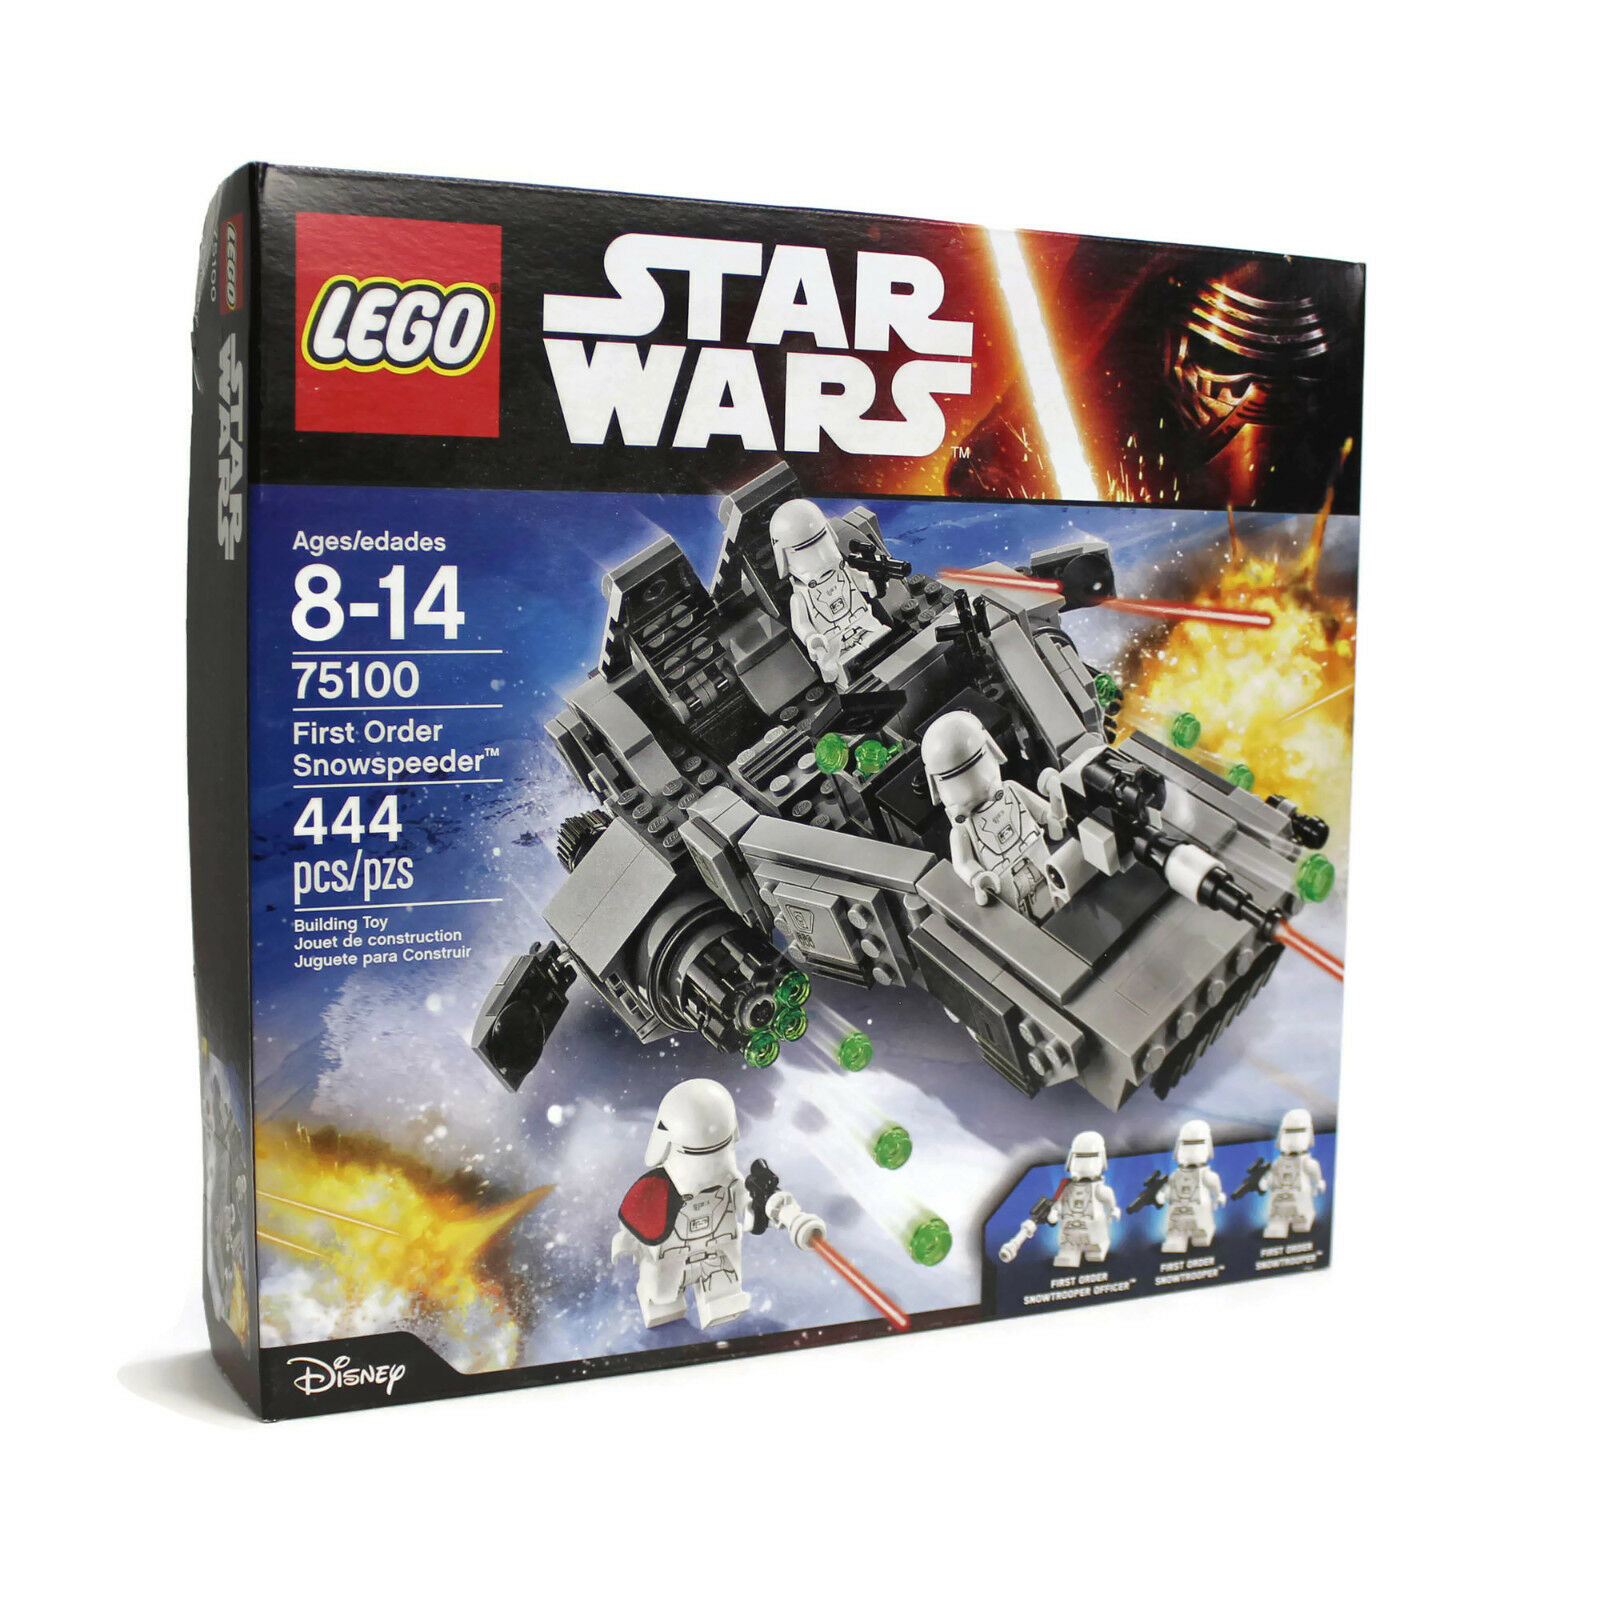 LEGO Star Wars FIRST ORDER SNOWSPEEDER 75100   NEW Sealed NIB   2015 Retired